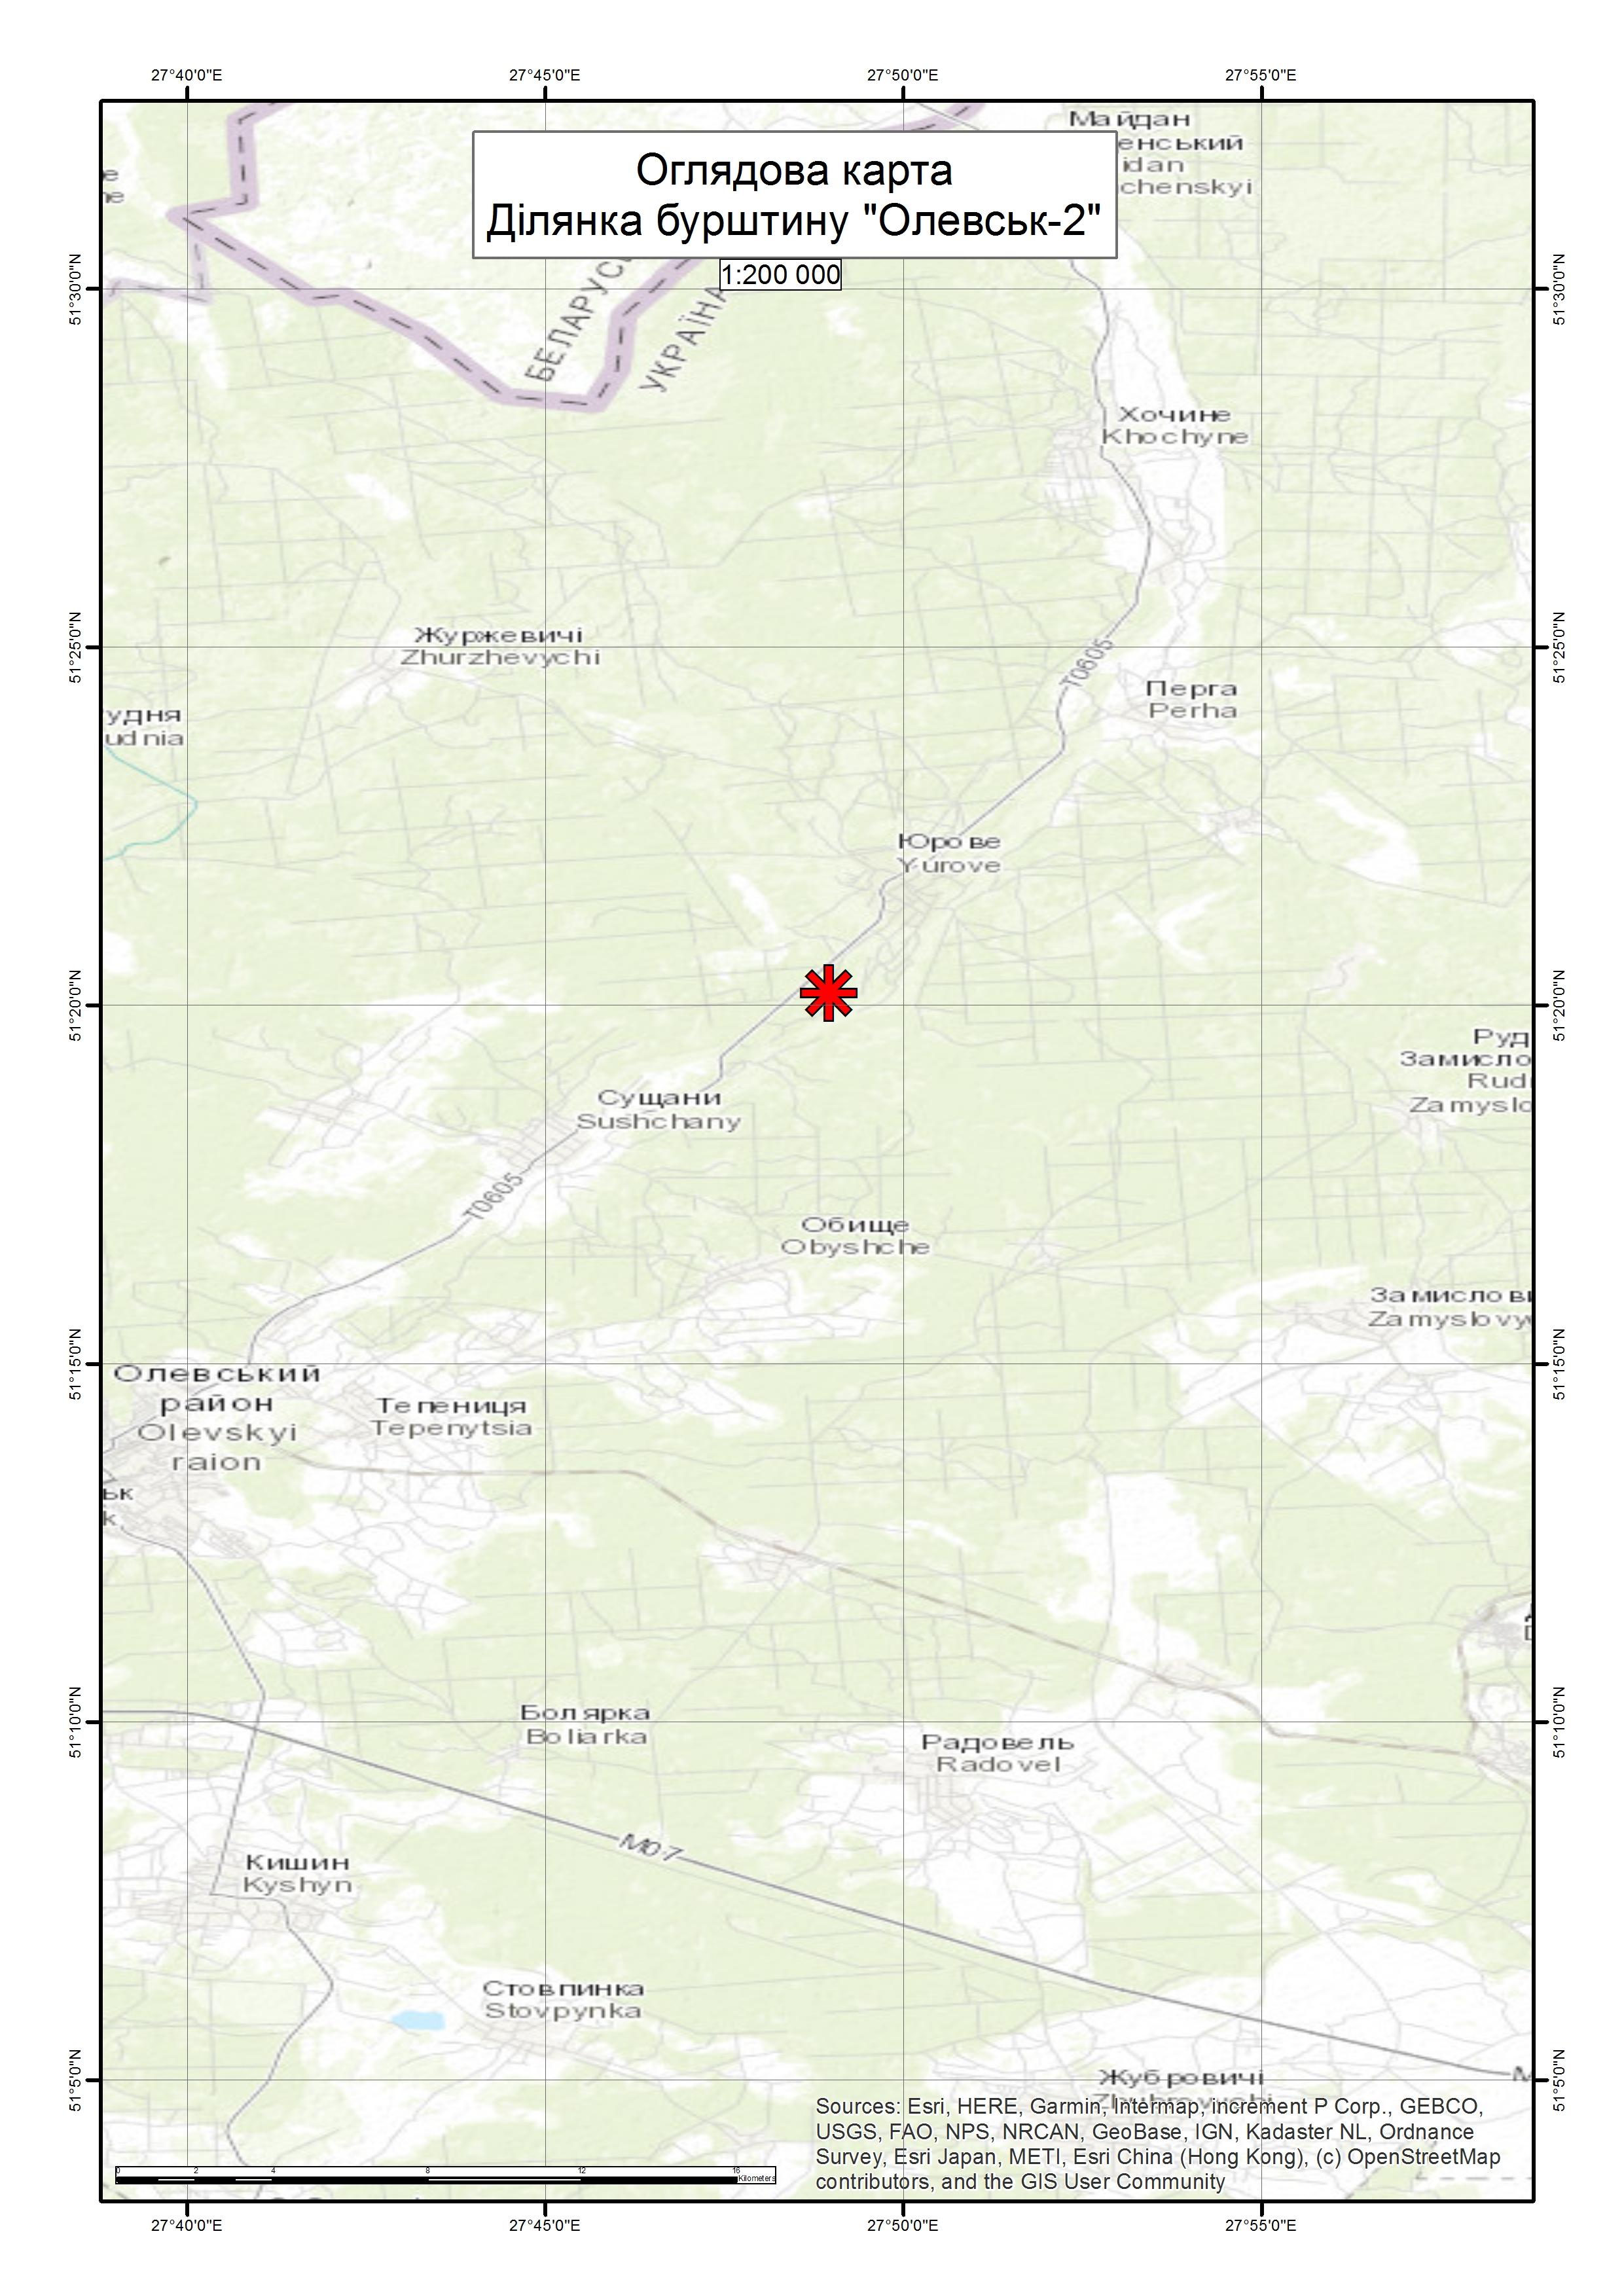 Спеціальний дозвіл на користування надрами – Ділянка «Олевськ-2». Вартість геологічної інформації – 91 477,08 грн (з ПДВ). Вартість пакету аукціонної документації – 9 992, 74 грн (з ПДВ).